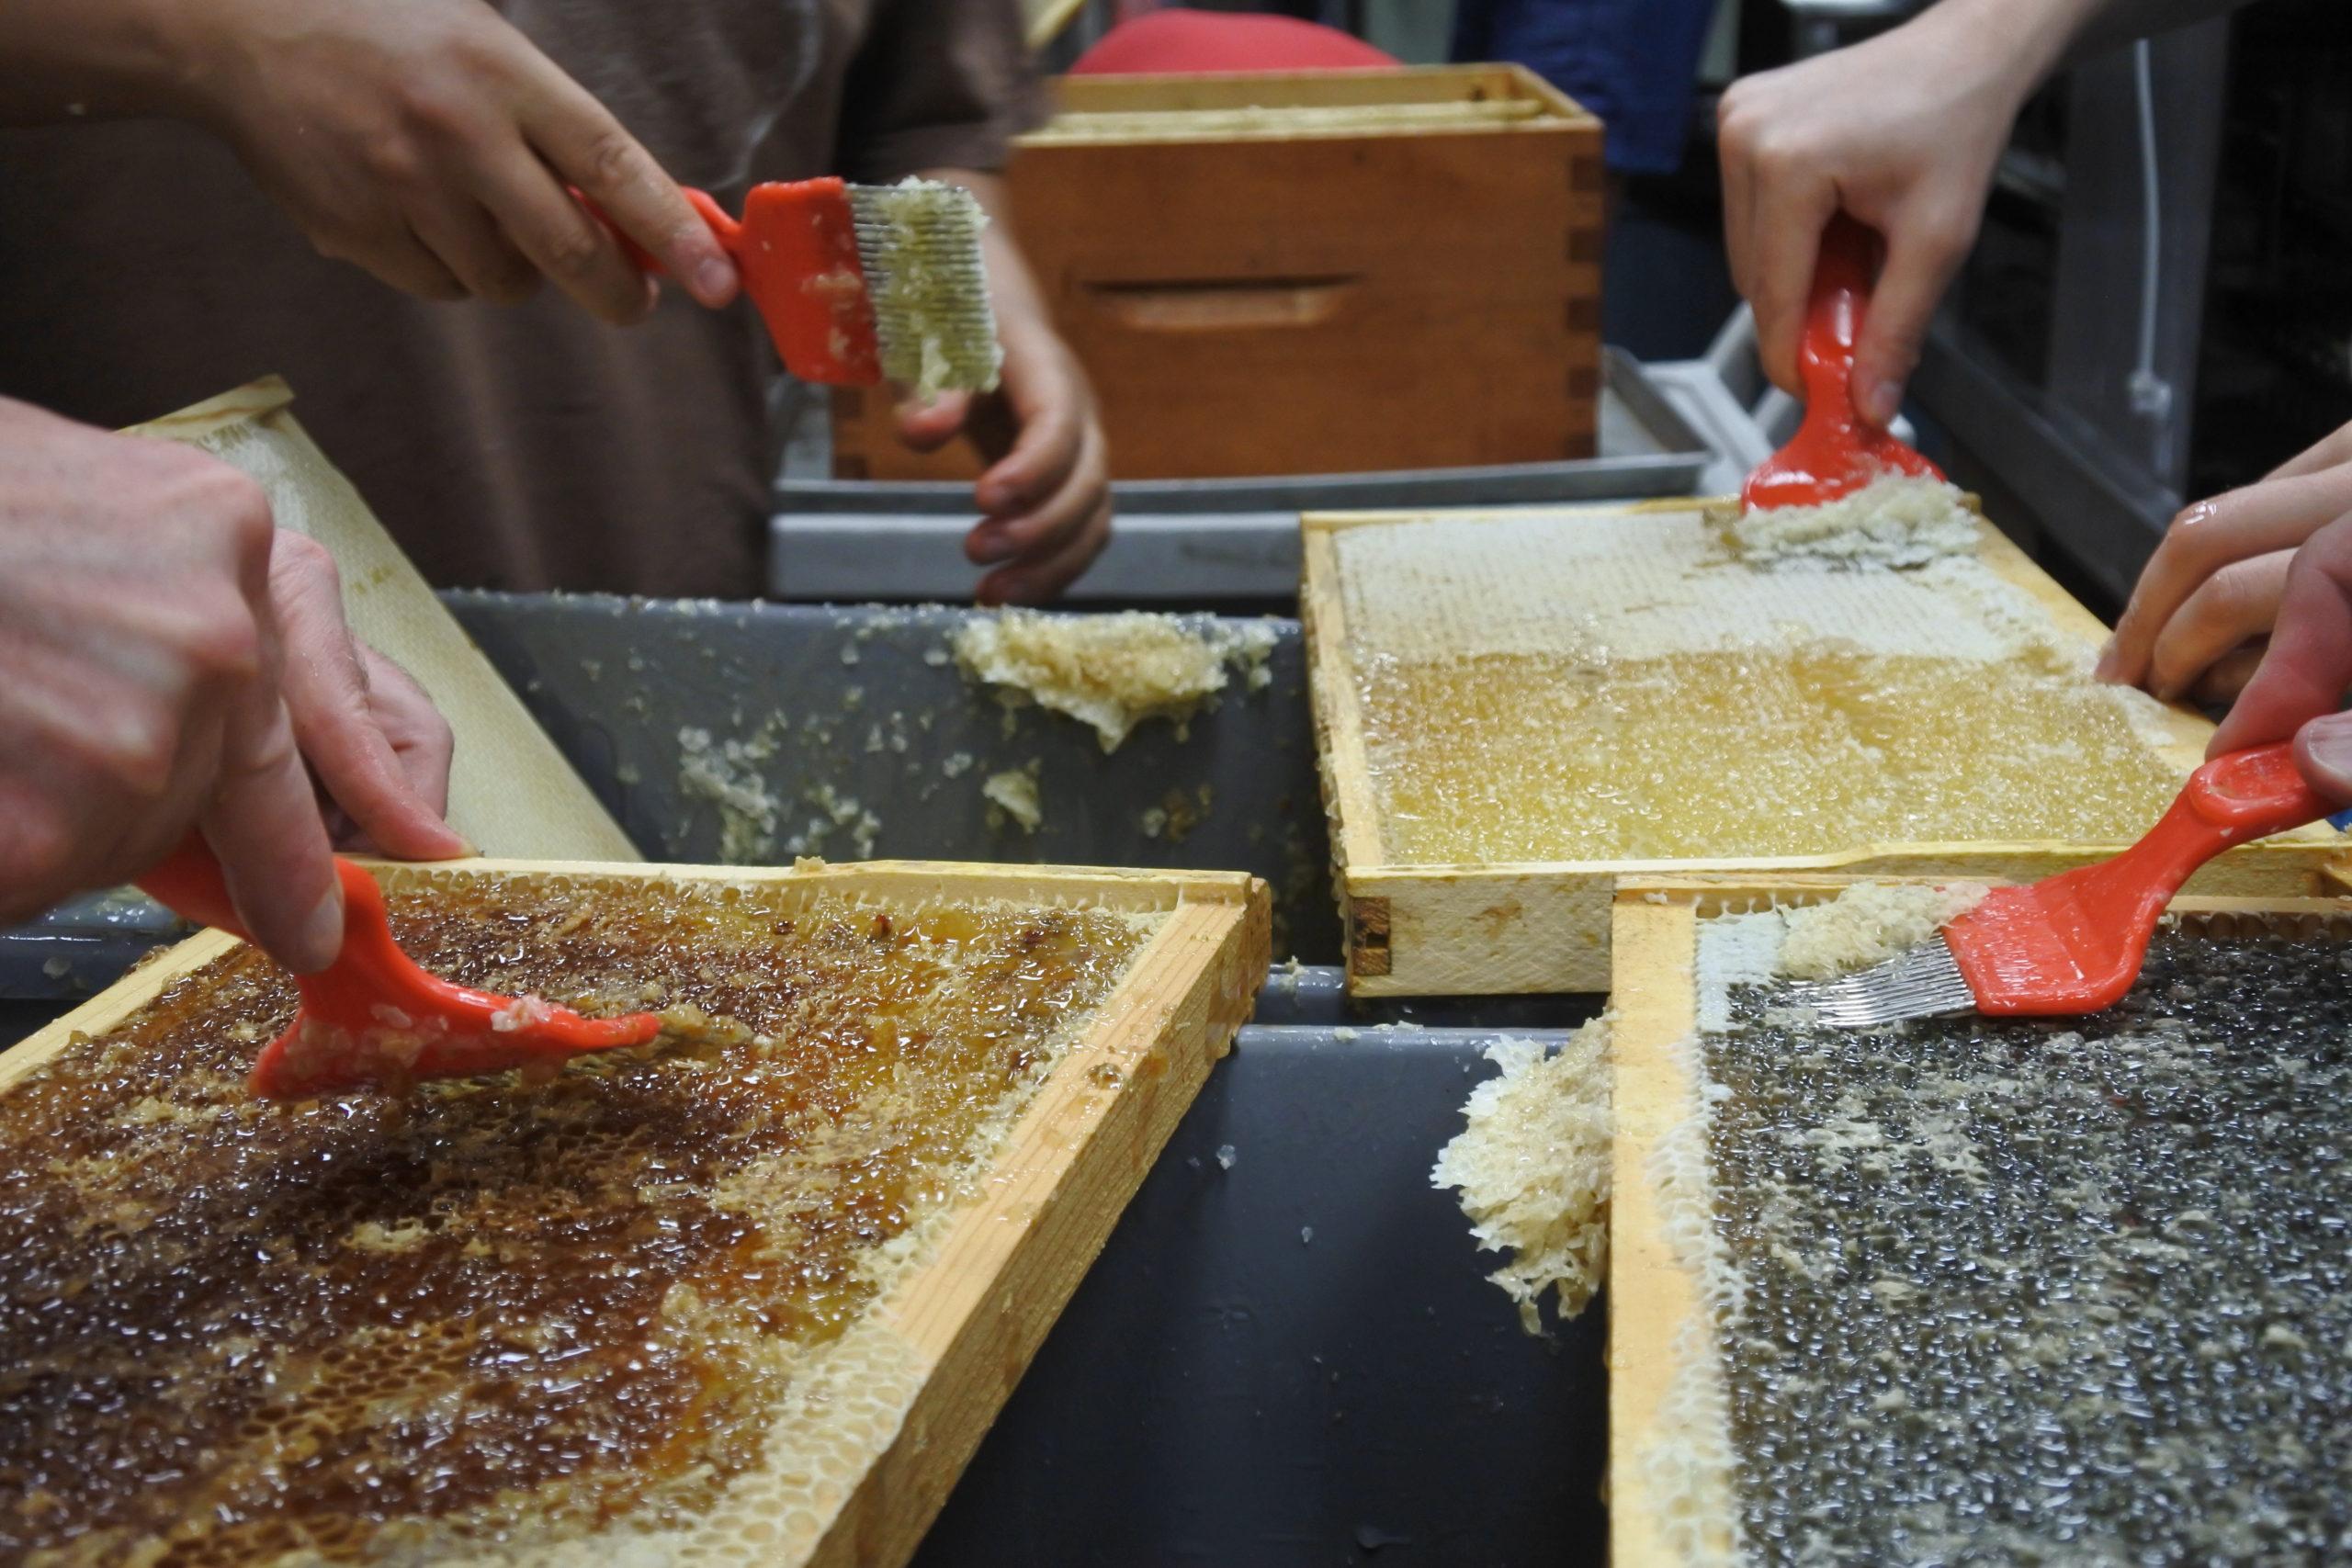 extraction de miel, apiculture urbaine, production de miel, récolte, gestion éco-responsable ruches, saines pratiques apicoles, formation, apprendre